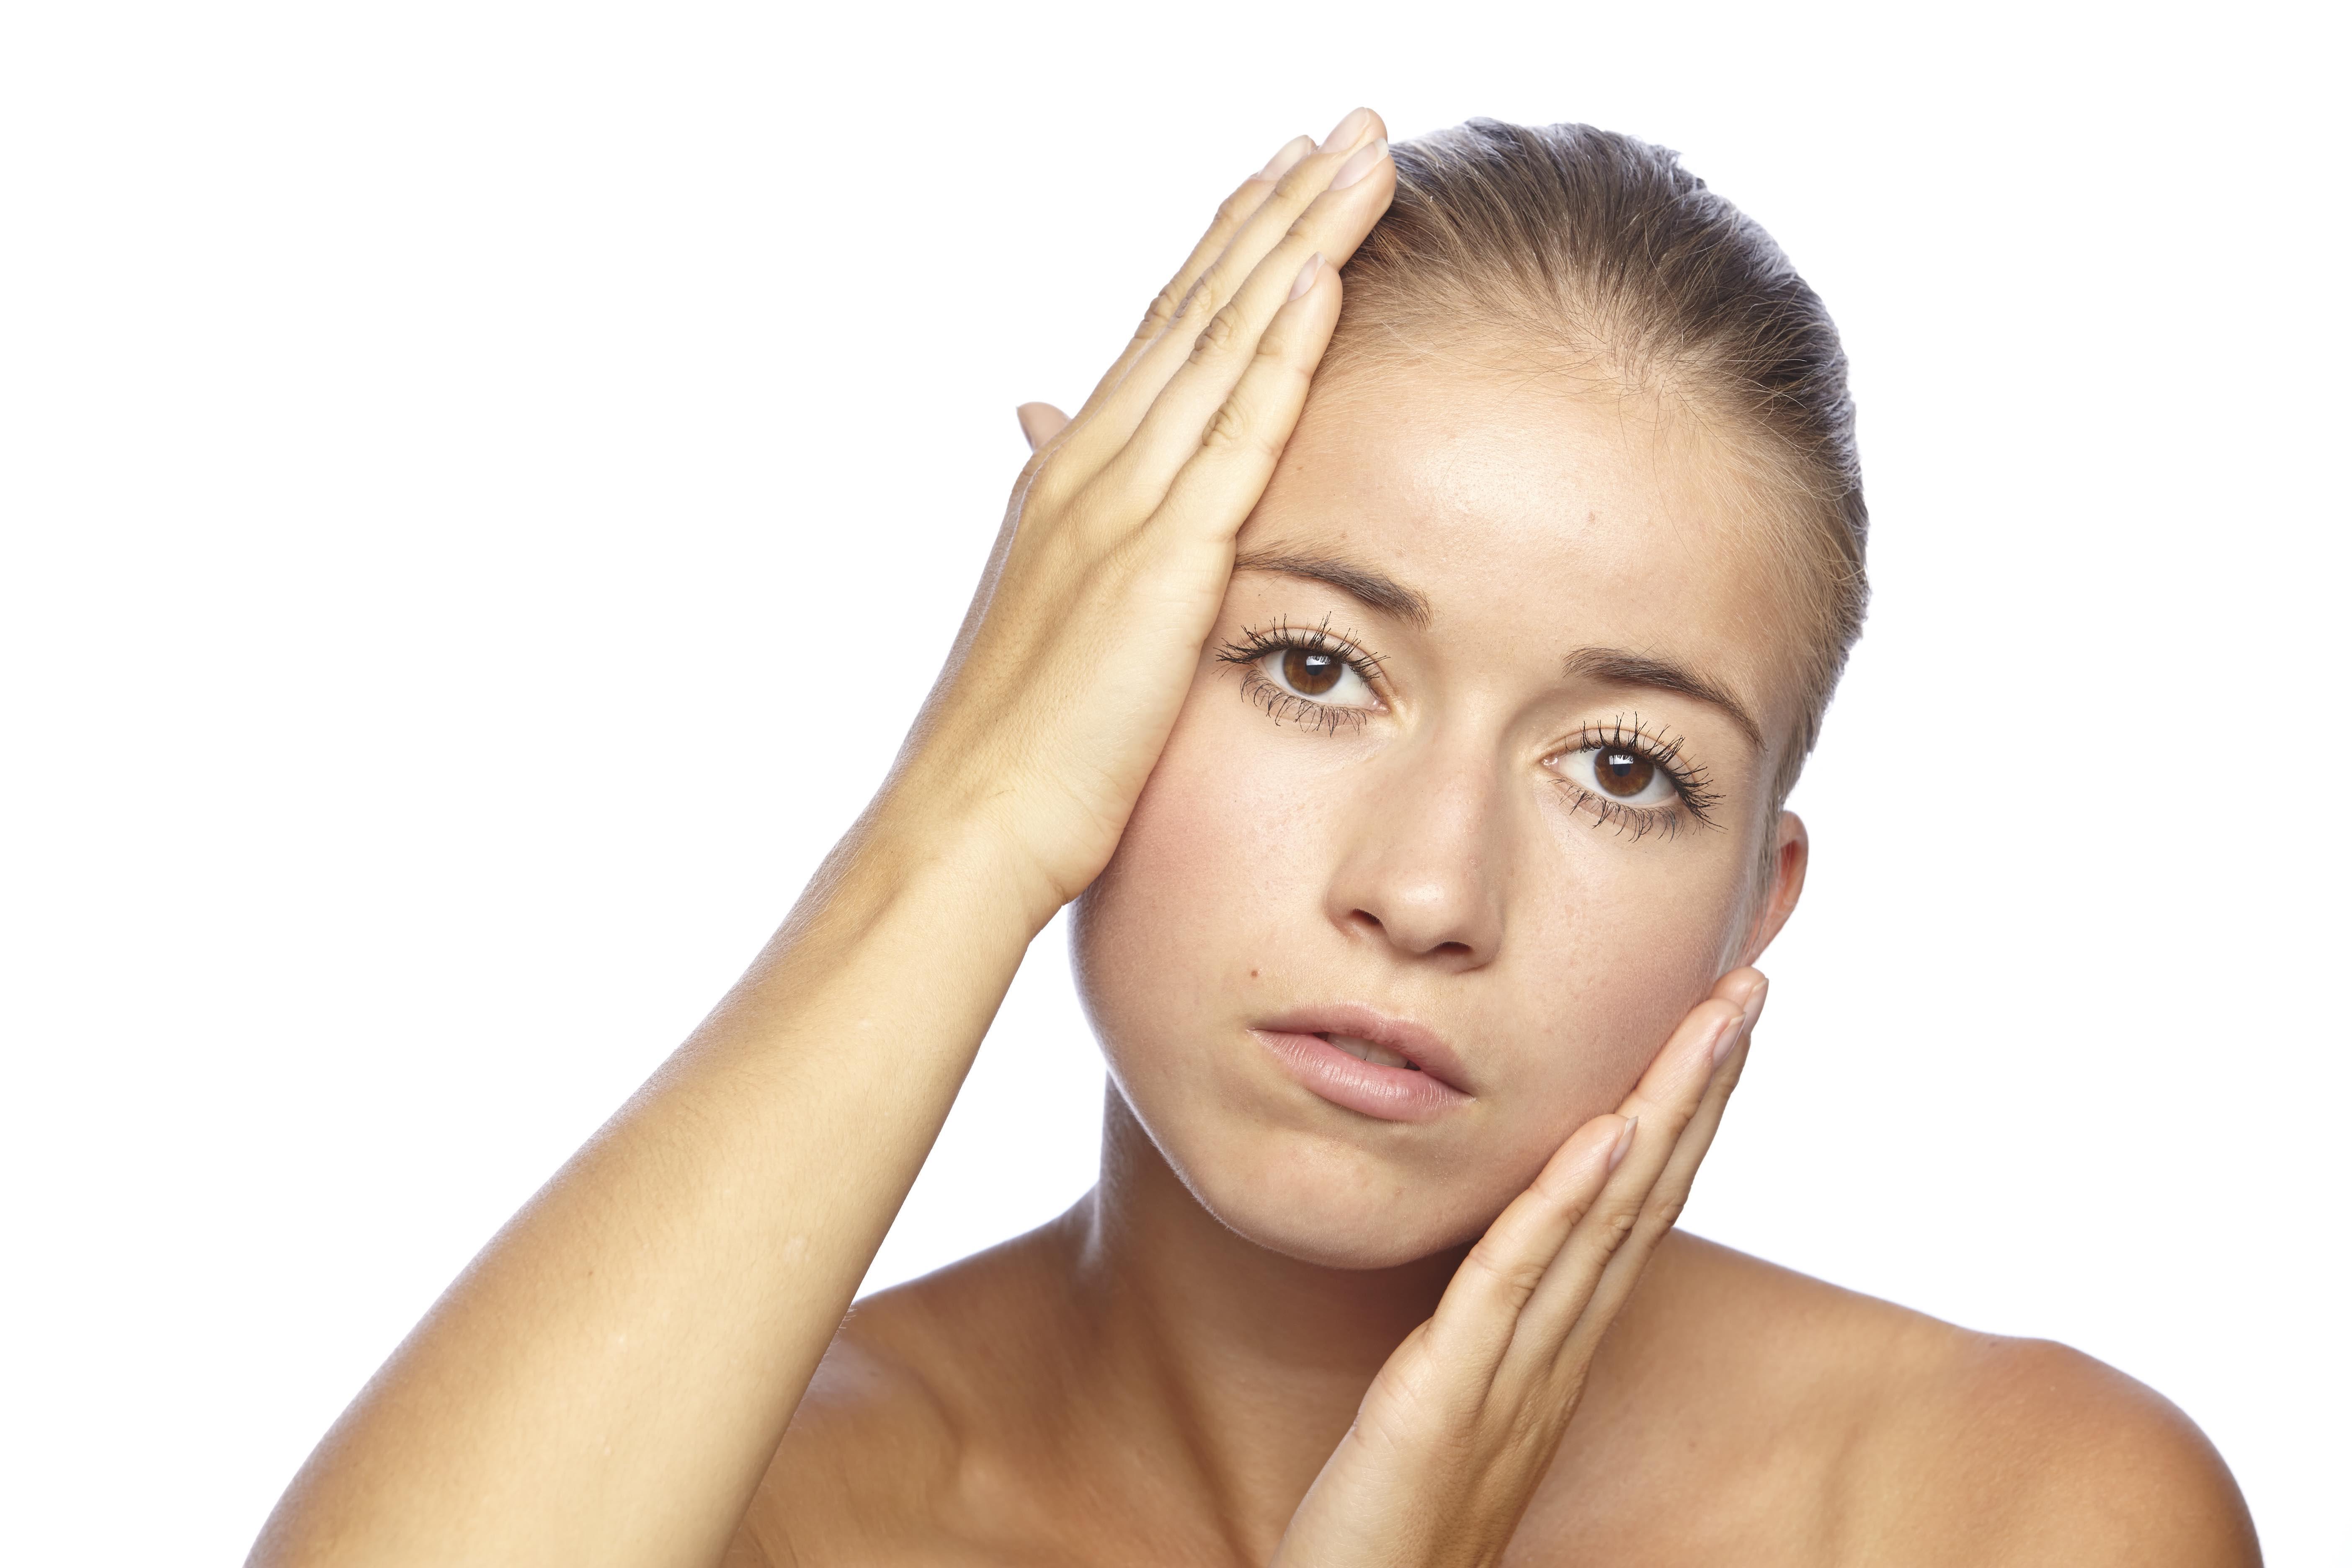 左右非対称歯並びは顔のゆがみを引き起こす?顎変形症のおはなし